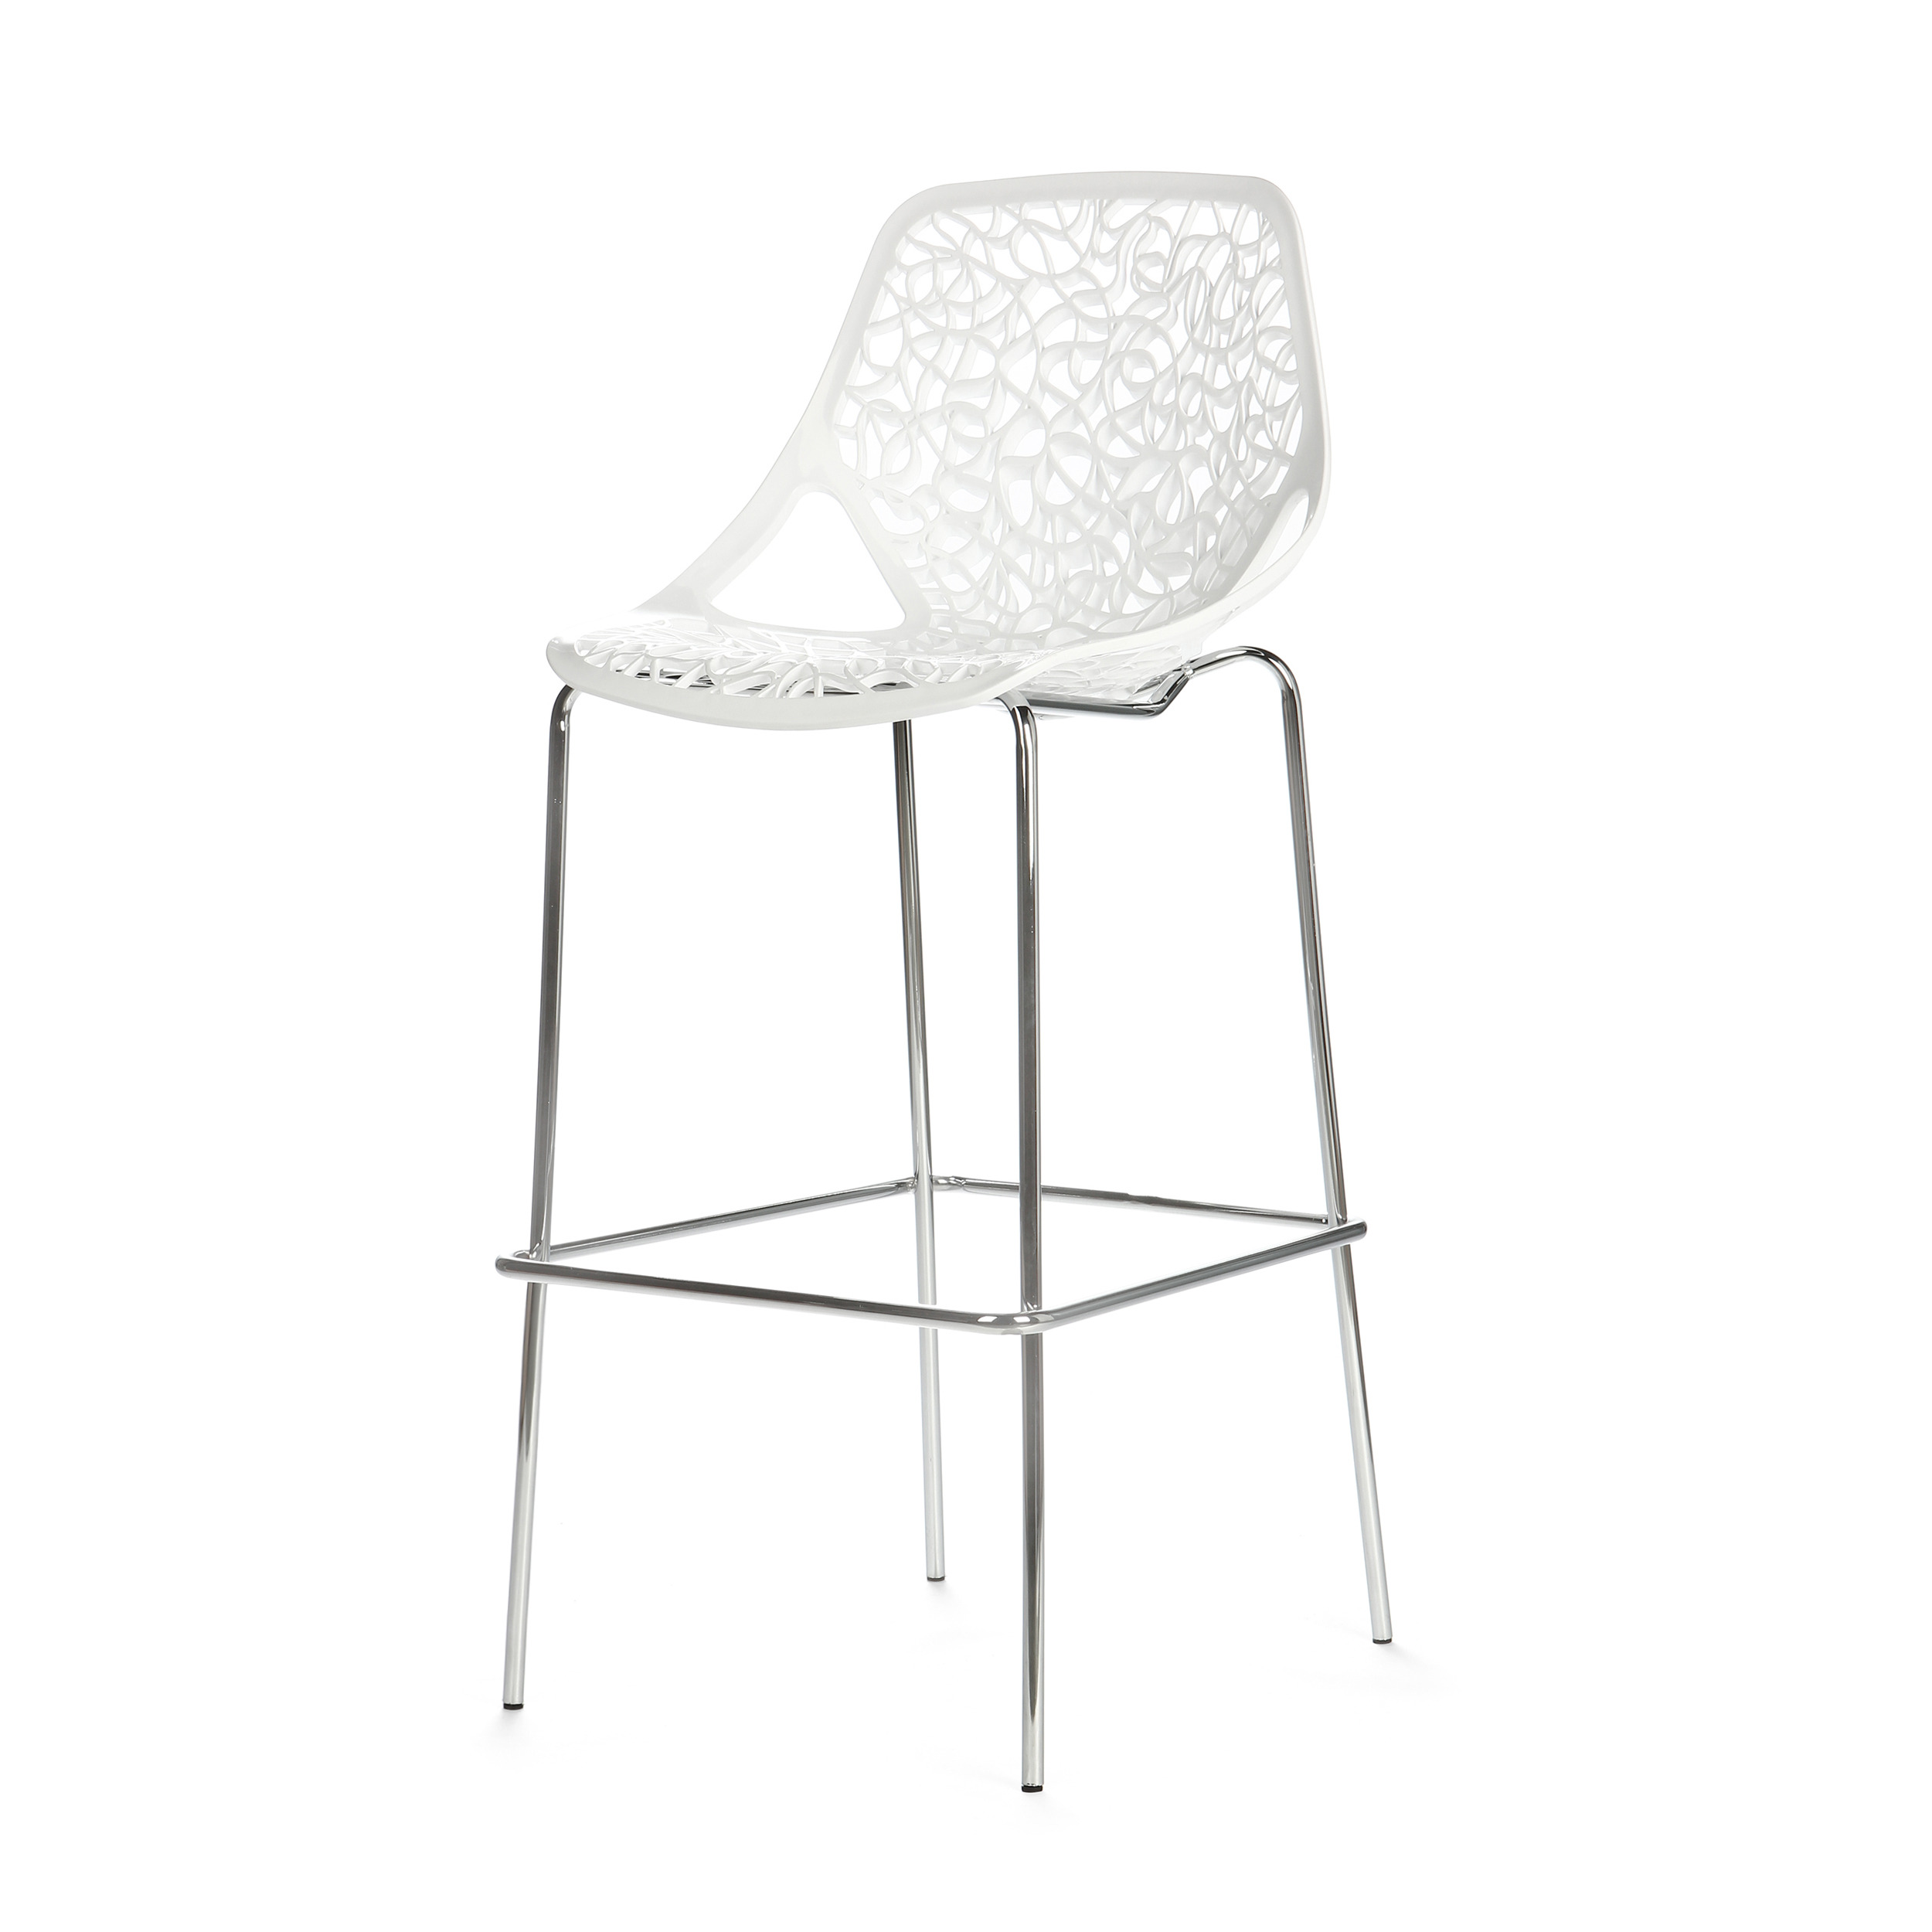 Барный стул CapriceБарные<br>Дизайнерский легкий барный стул Caprice (Каприз) на высоких ножках в цвете хром от Cosmo (Космо). <br><br> Удивительная особенность стульев Caprice в их способности привносить в окружающее их пространство элементы некоторого гламура и шика. Примерно так же, как ювелирные изделия завершают изысканный наряд.<br><br><br> Оригинальный барный стул Caprice — одна из самых оригинальных работ художника Марчелло Дзильяни. Интересный дизайн создает впечатление тонкого кружева, придающего этому стулу декоративно...<br><br>stock: 0<br>Высота: 119<br>Высота сиденья: 83<br>Ширина: 54<br>Глубина: 61<br>Цвет ножек: Хром<br>Цвет сидения: Белый<br>Тип материала сидения: Сталь<br>Тип материала ножек: Сталь нержавеющая